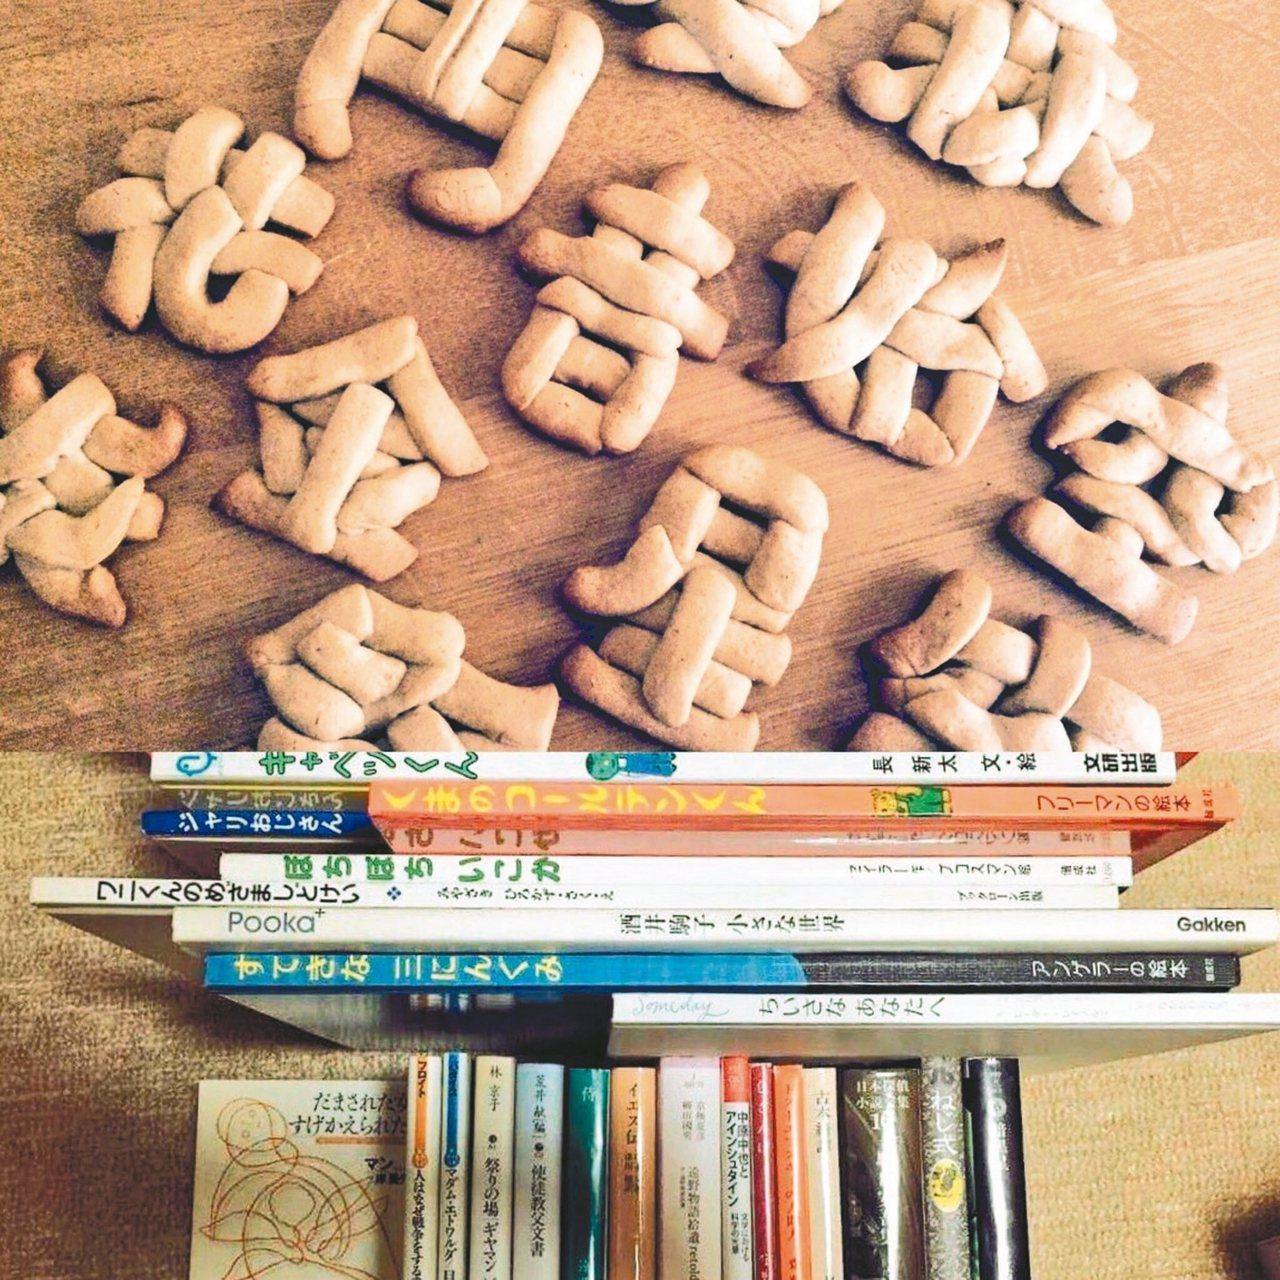 這些漢字餅乾,你認出來是哪些字嗎? 圖/取自朝日新聞網站